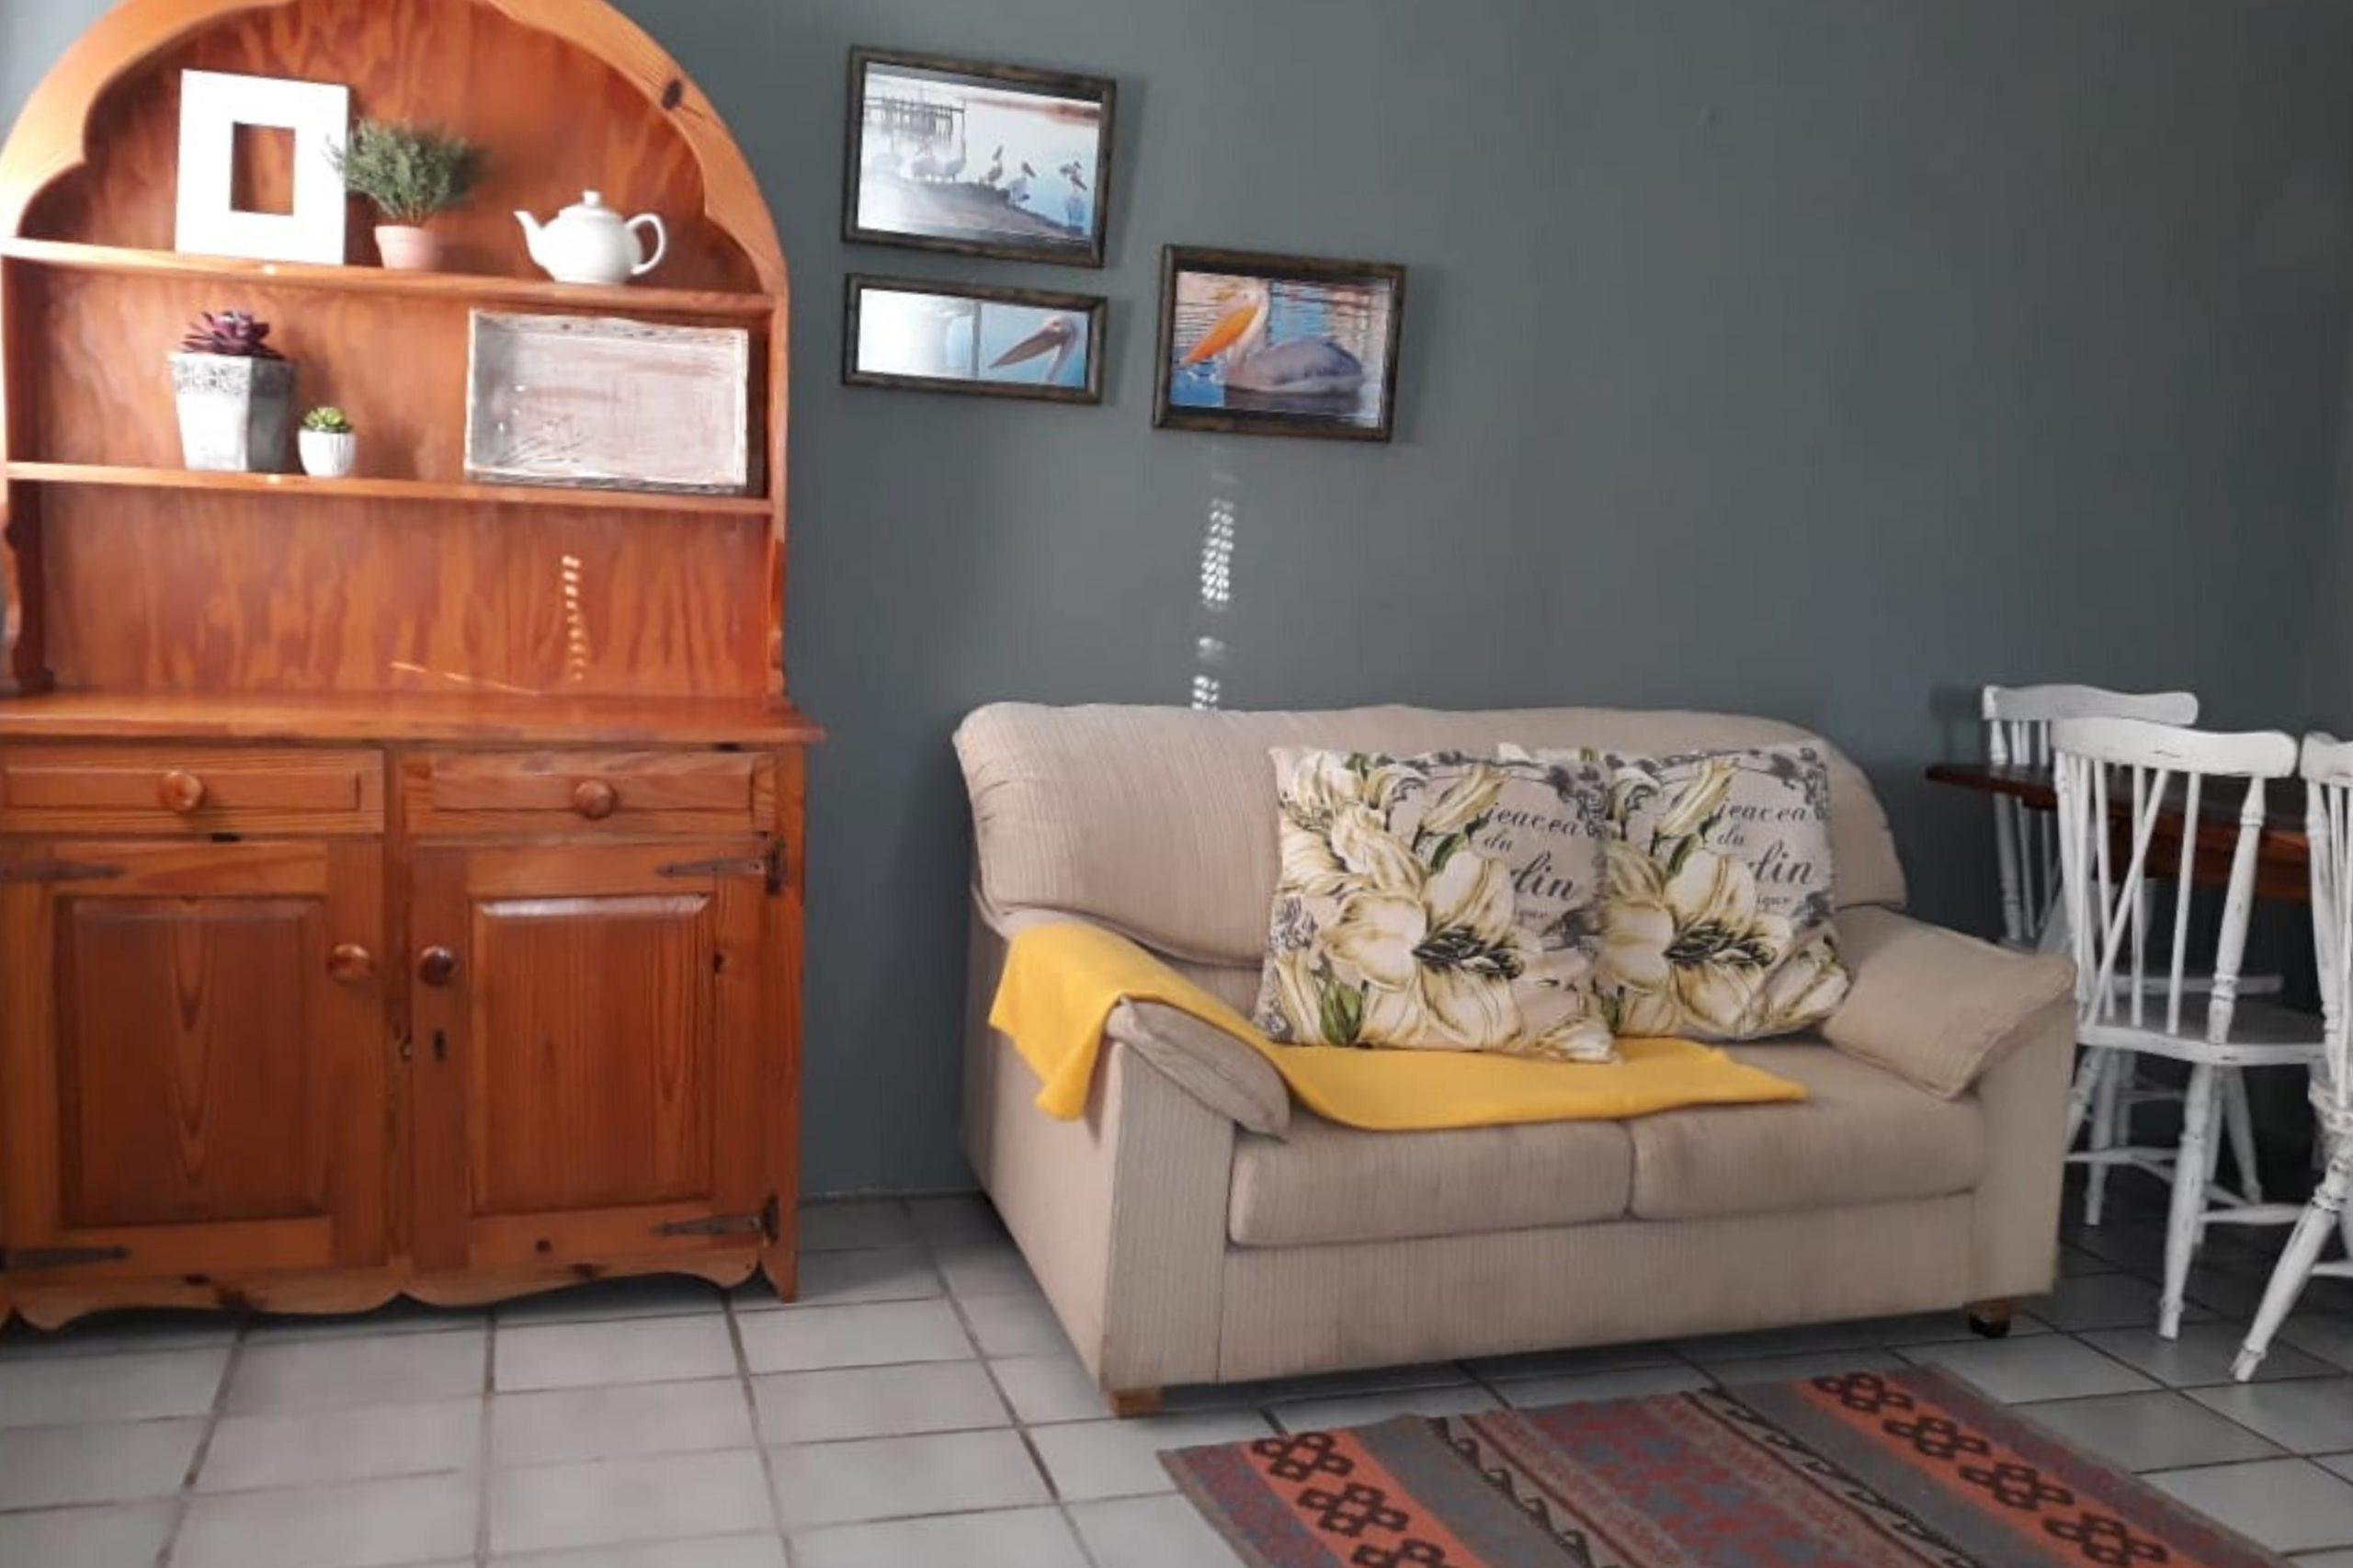 Kuifkopvisvanger - Ou Huis in Velddrif, Berg River 2